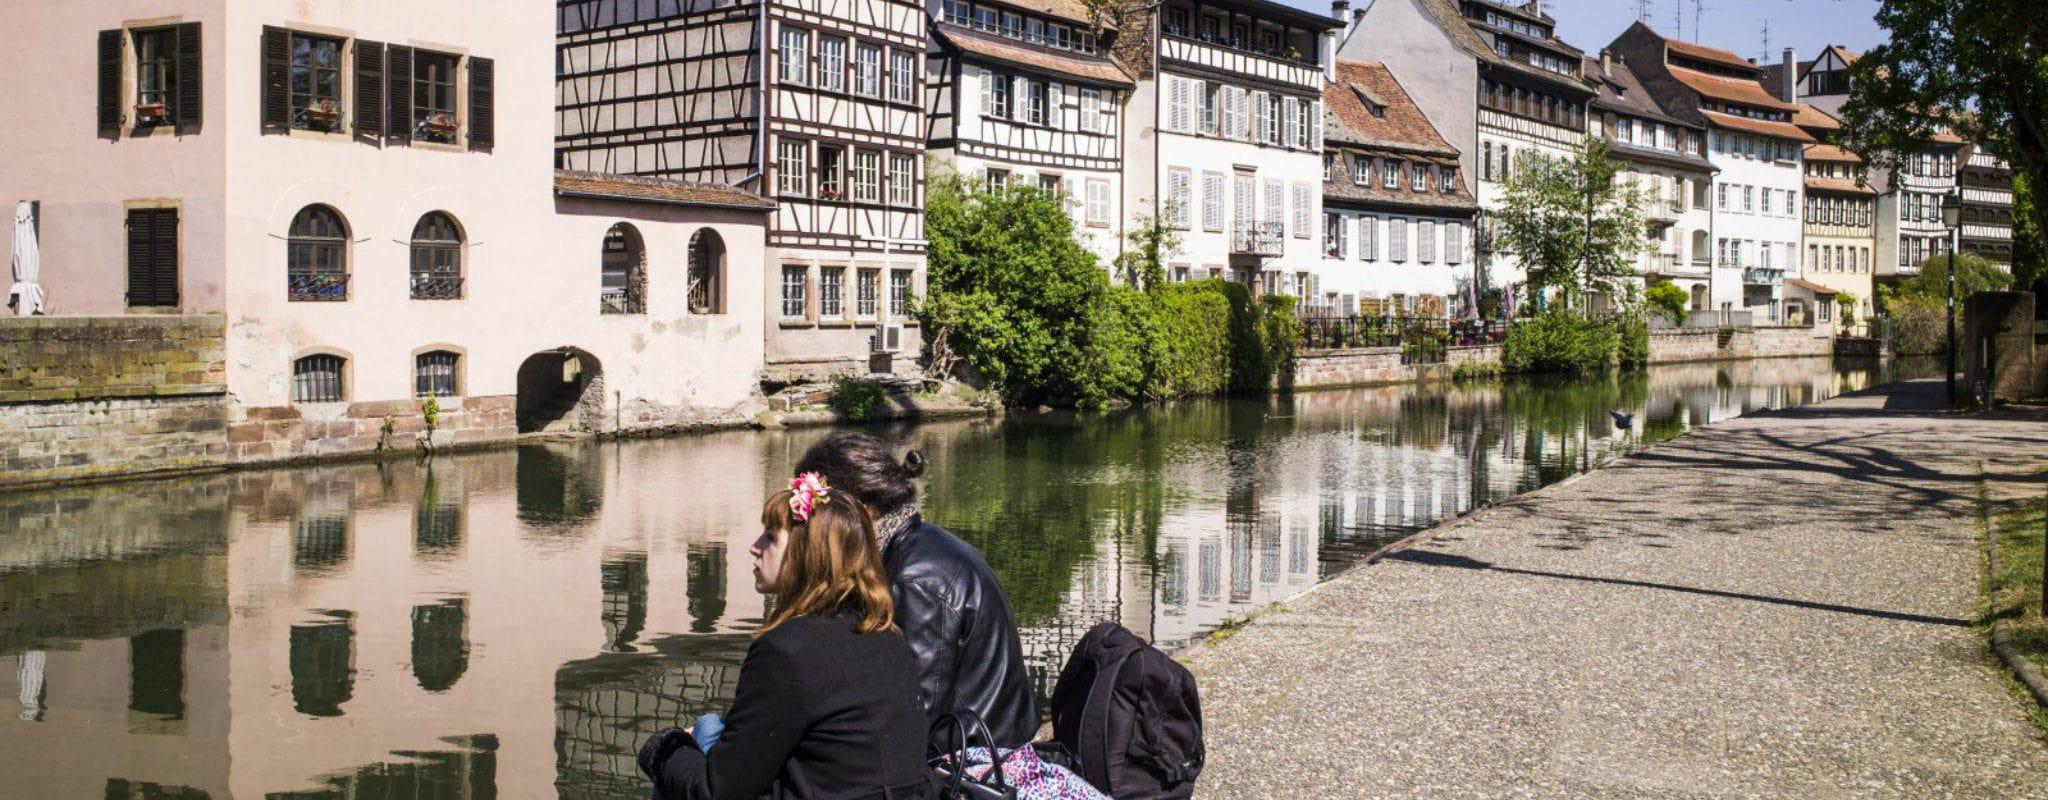 À Strasbourg, célibataires et libertins ont un problème de taille